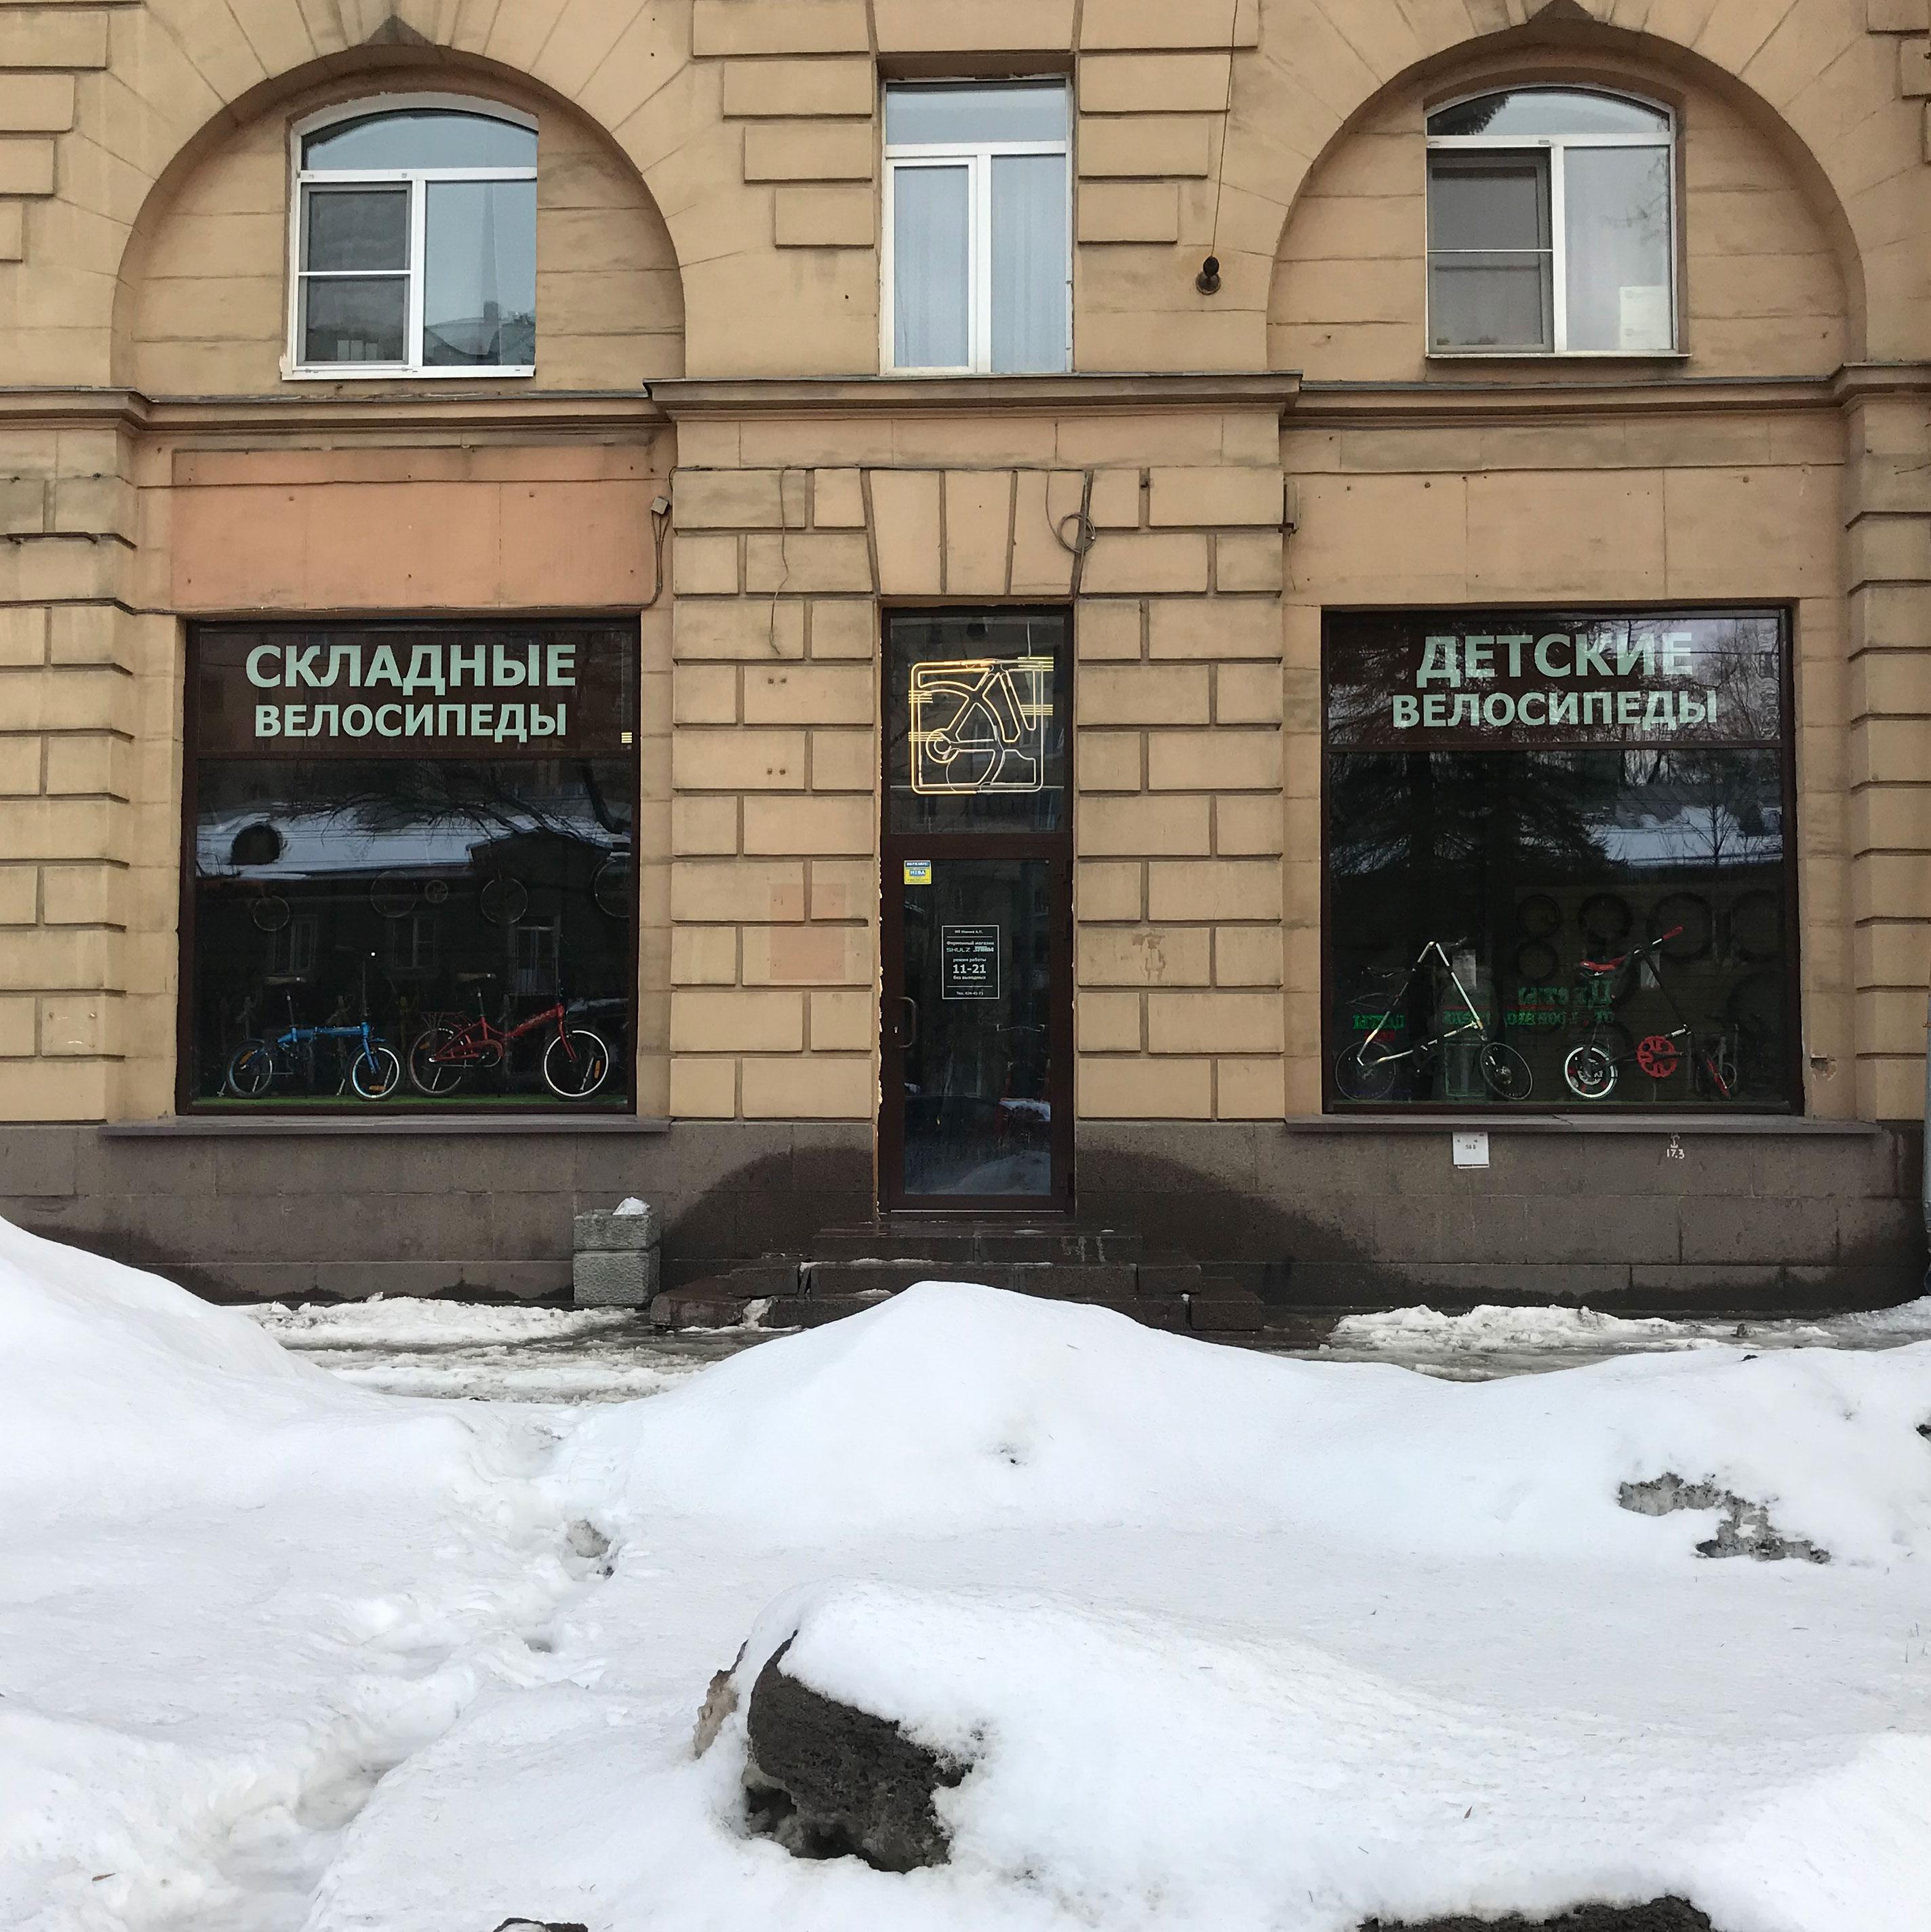 Второй фирменный магазин Shulz & Strida в Санкт-Петербурге